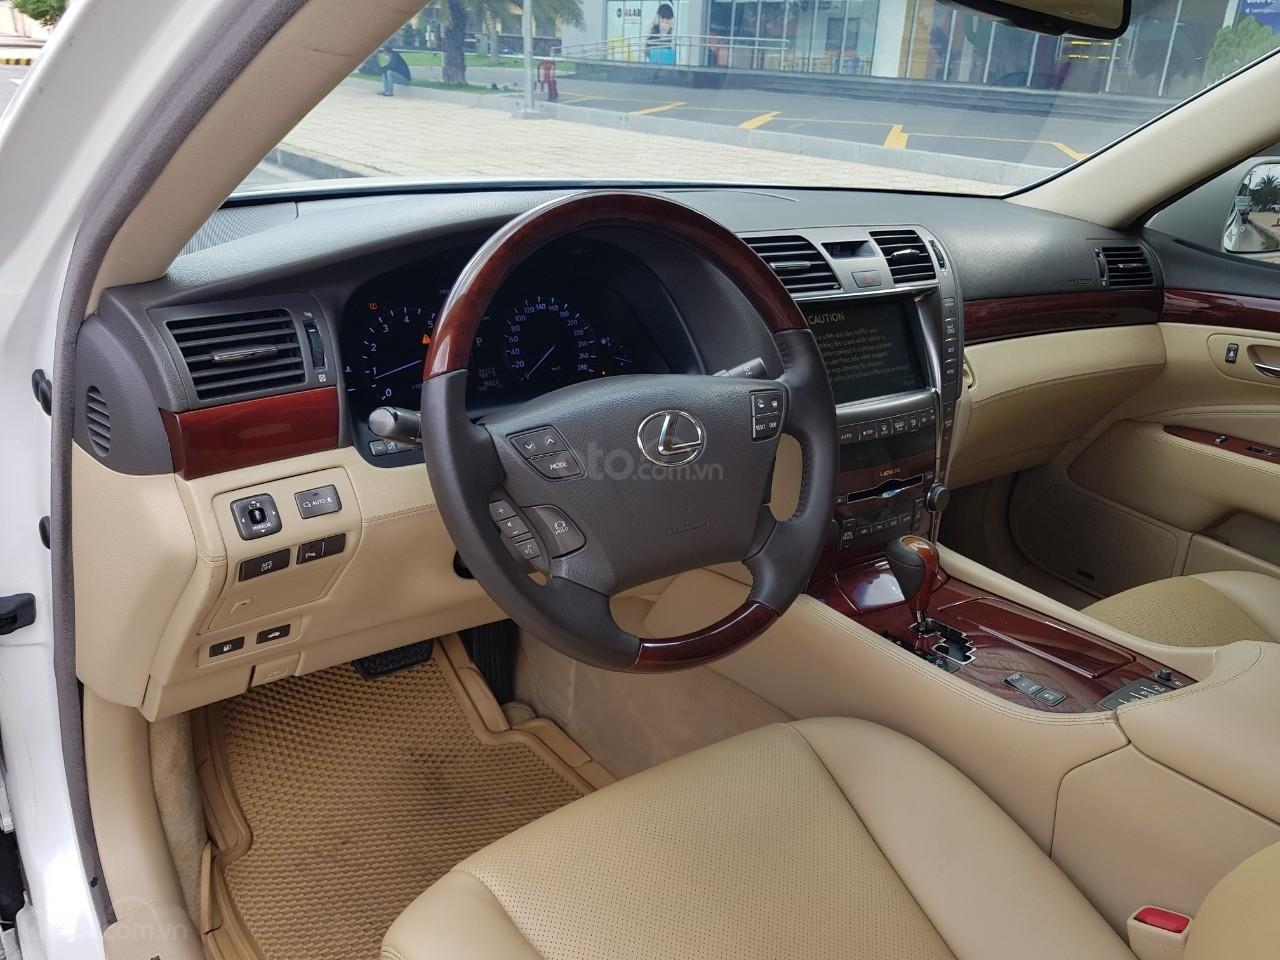 Bán xe Lexus LS 460L đời 2007, xe biển SG đẹp, màu trắng (7)